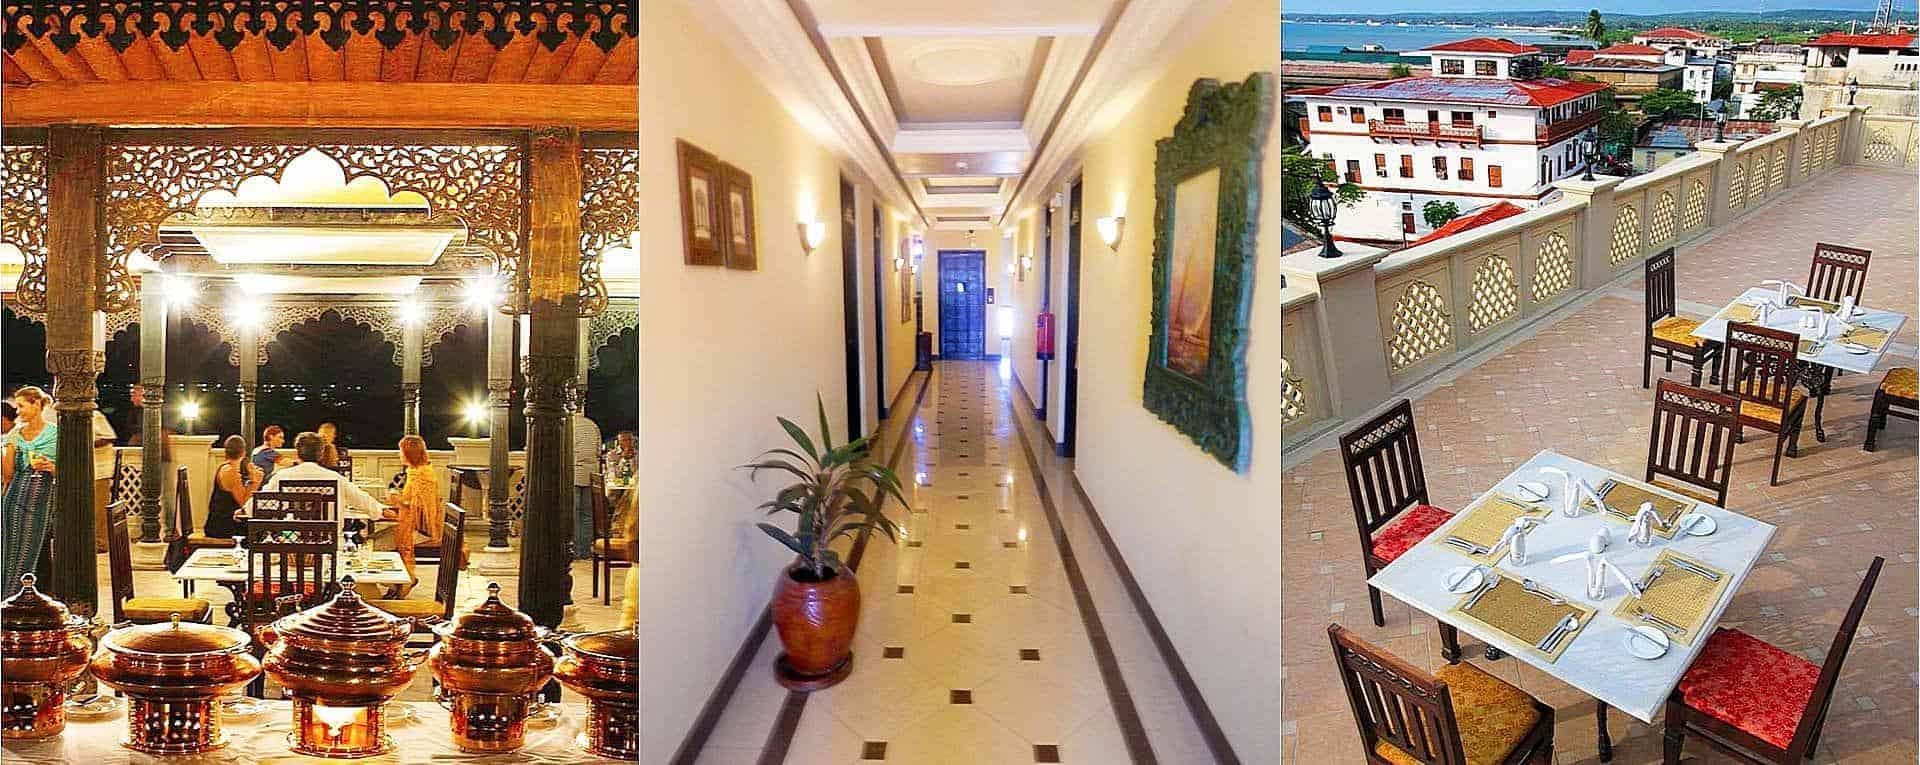 zanzibargrandpalacehotel6